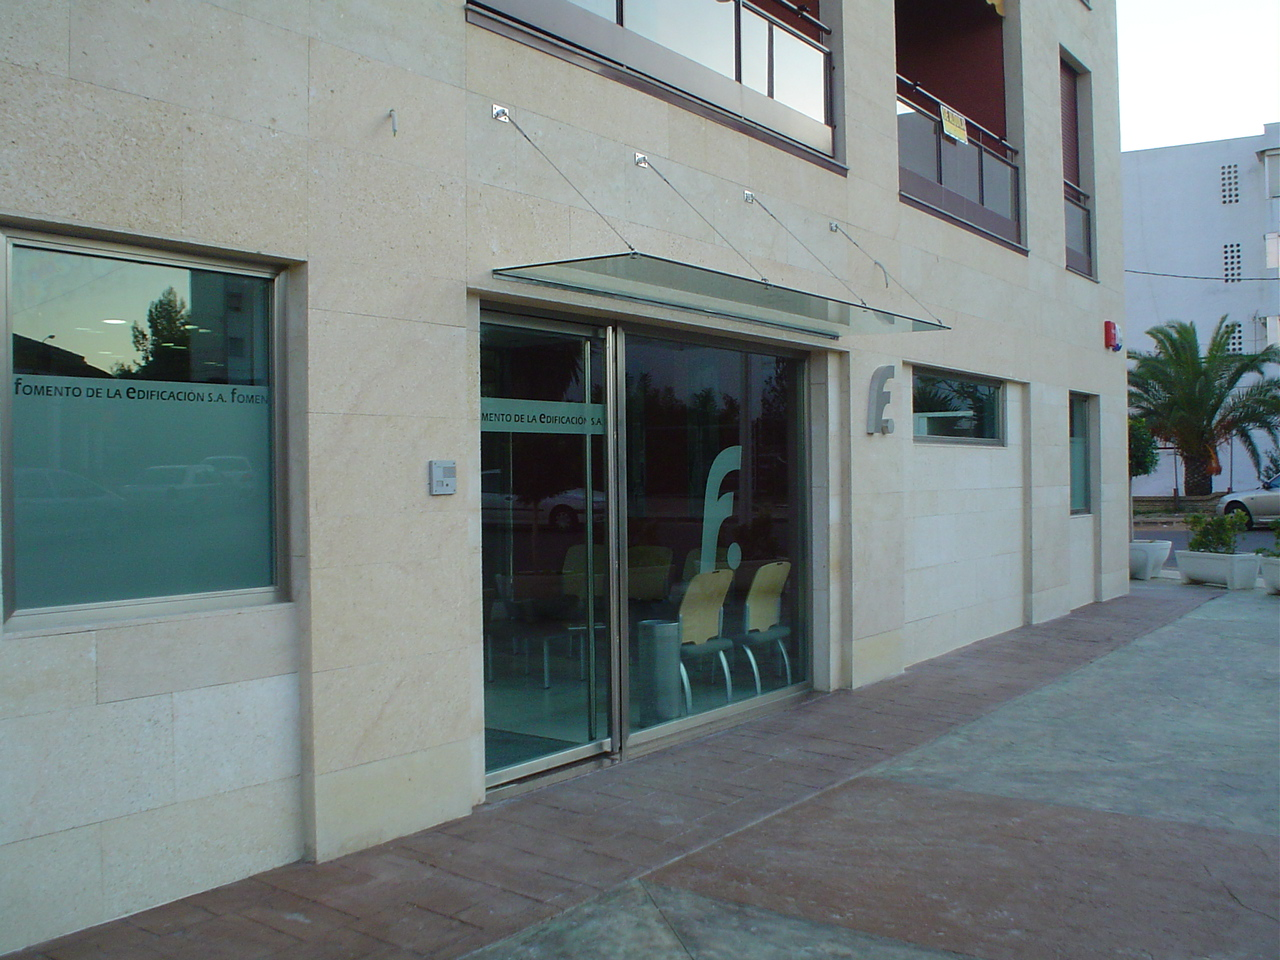 Oficina Formento de la Edificación - Cristalería y Aluminios Guzmán en Sevilla